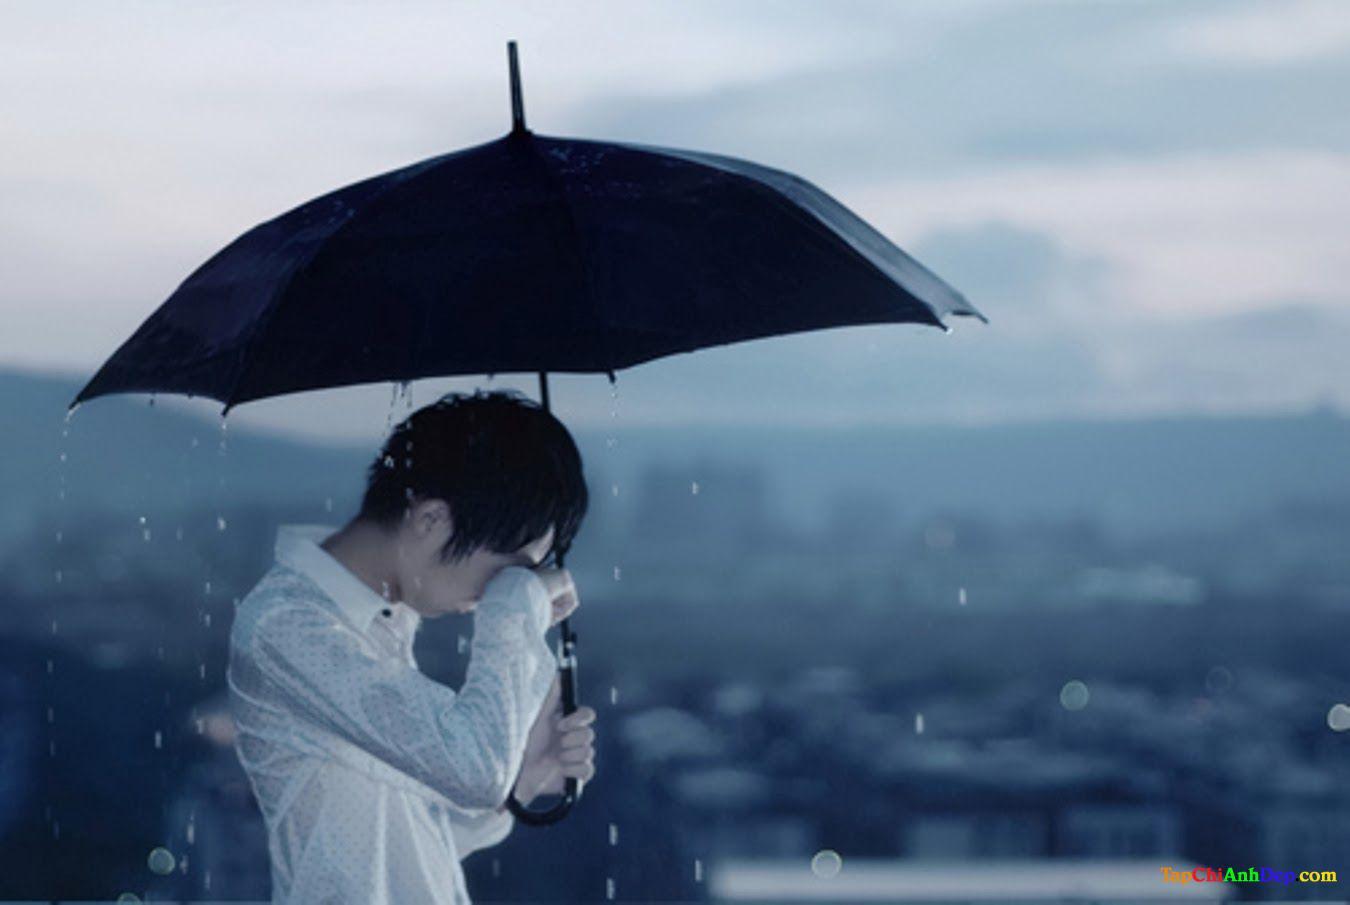 hình ảnh đẹp về tình yêu buồn và mưa